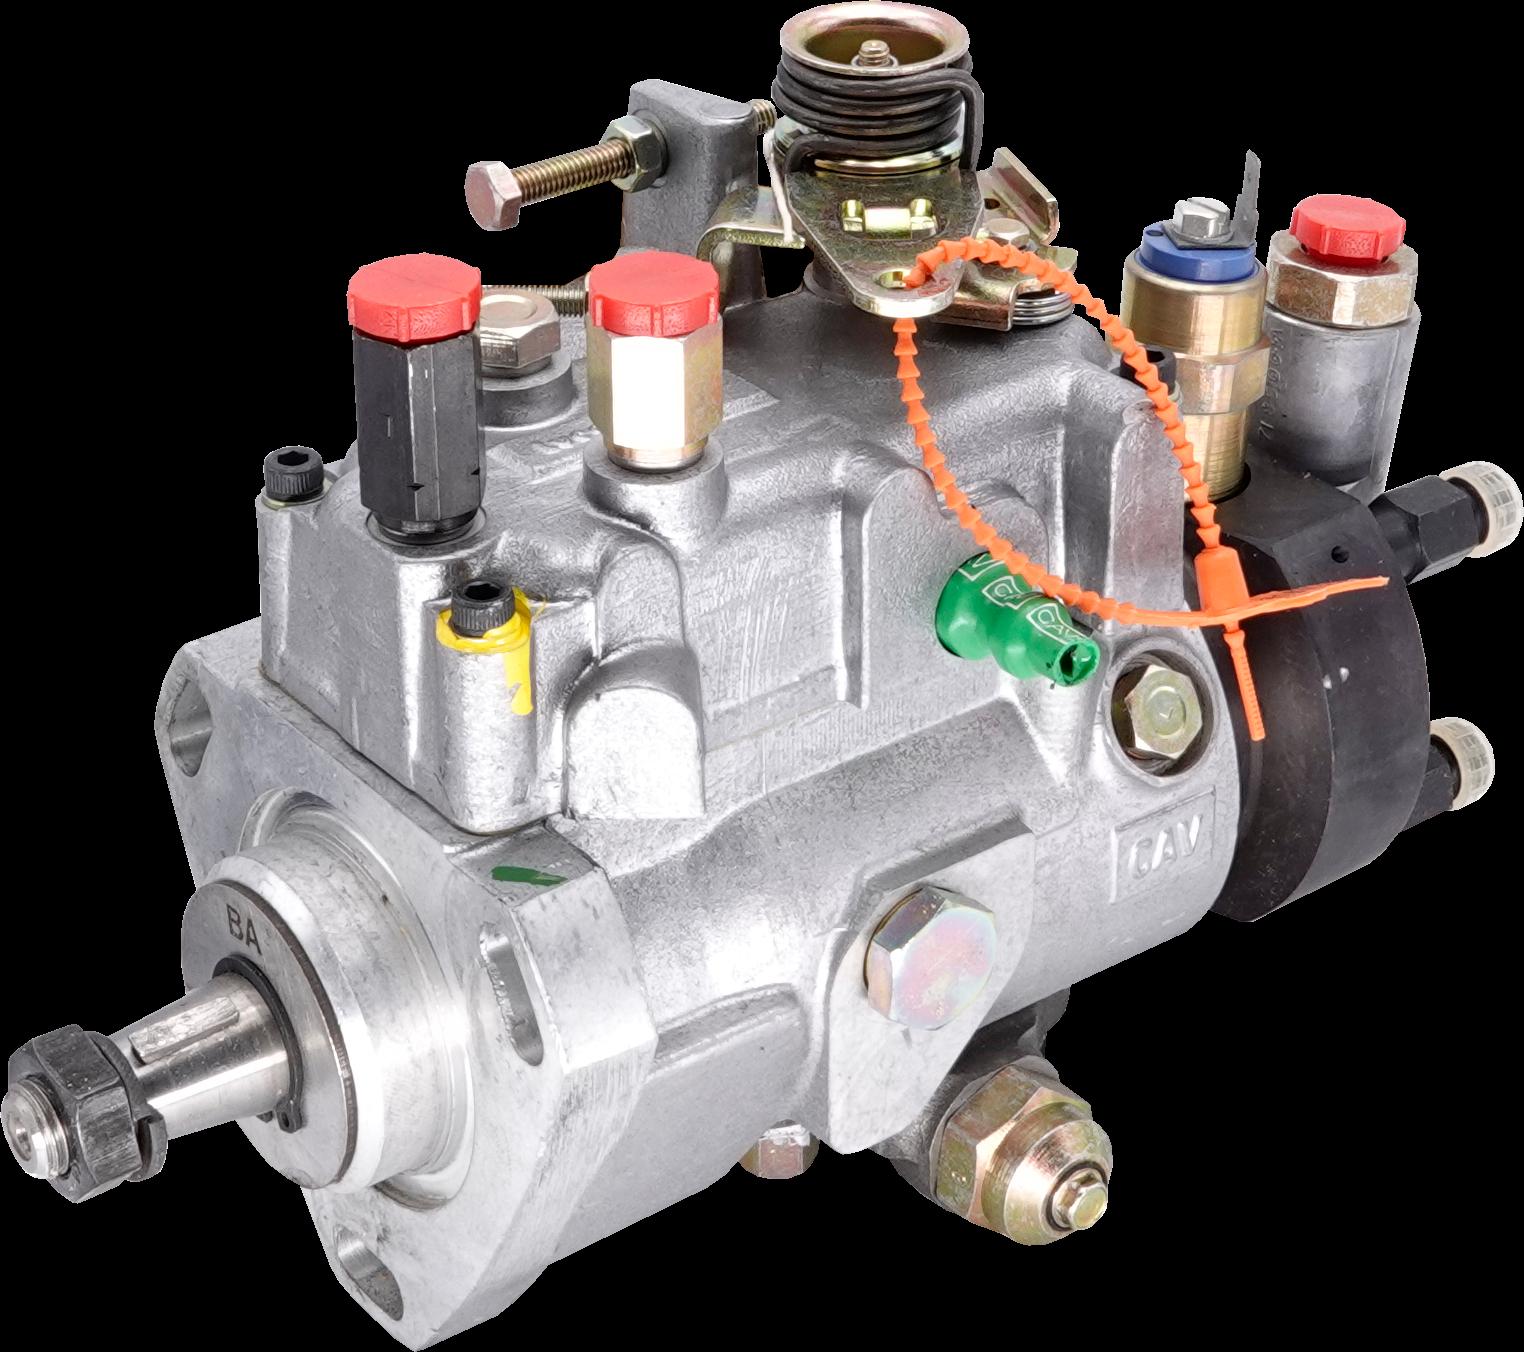 Delphi/Iveco DPS Diesel Fuel Injection Pump: 8520A710A Exchange